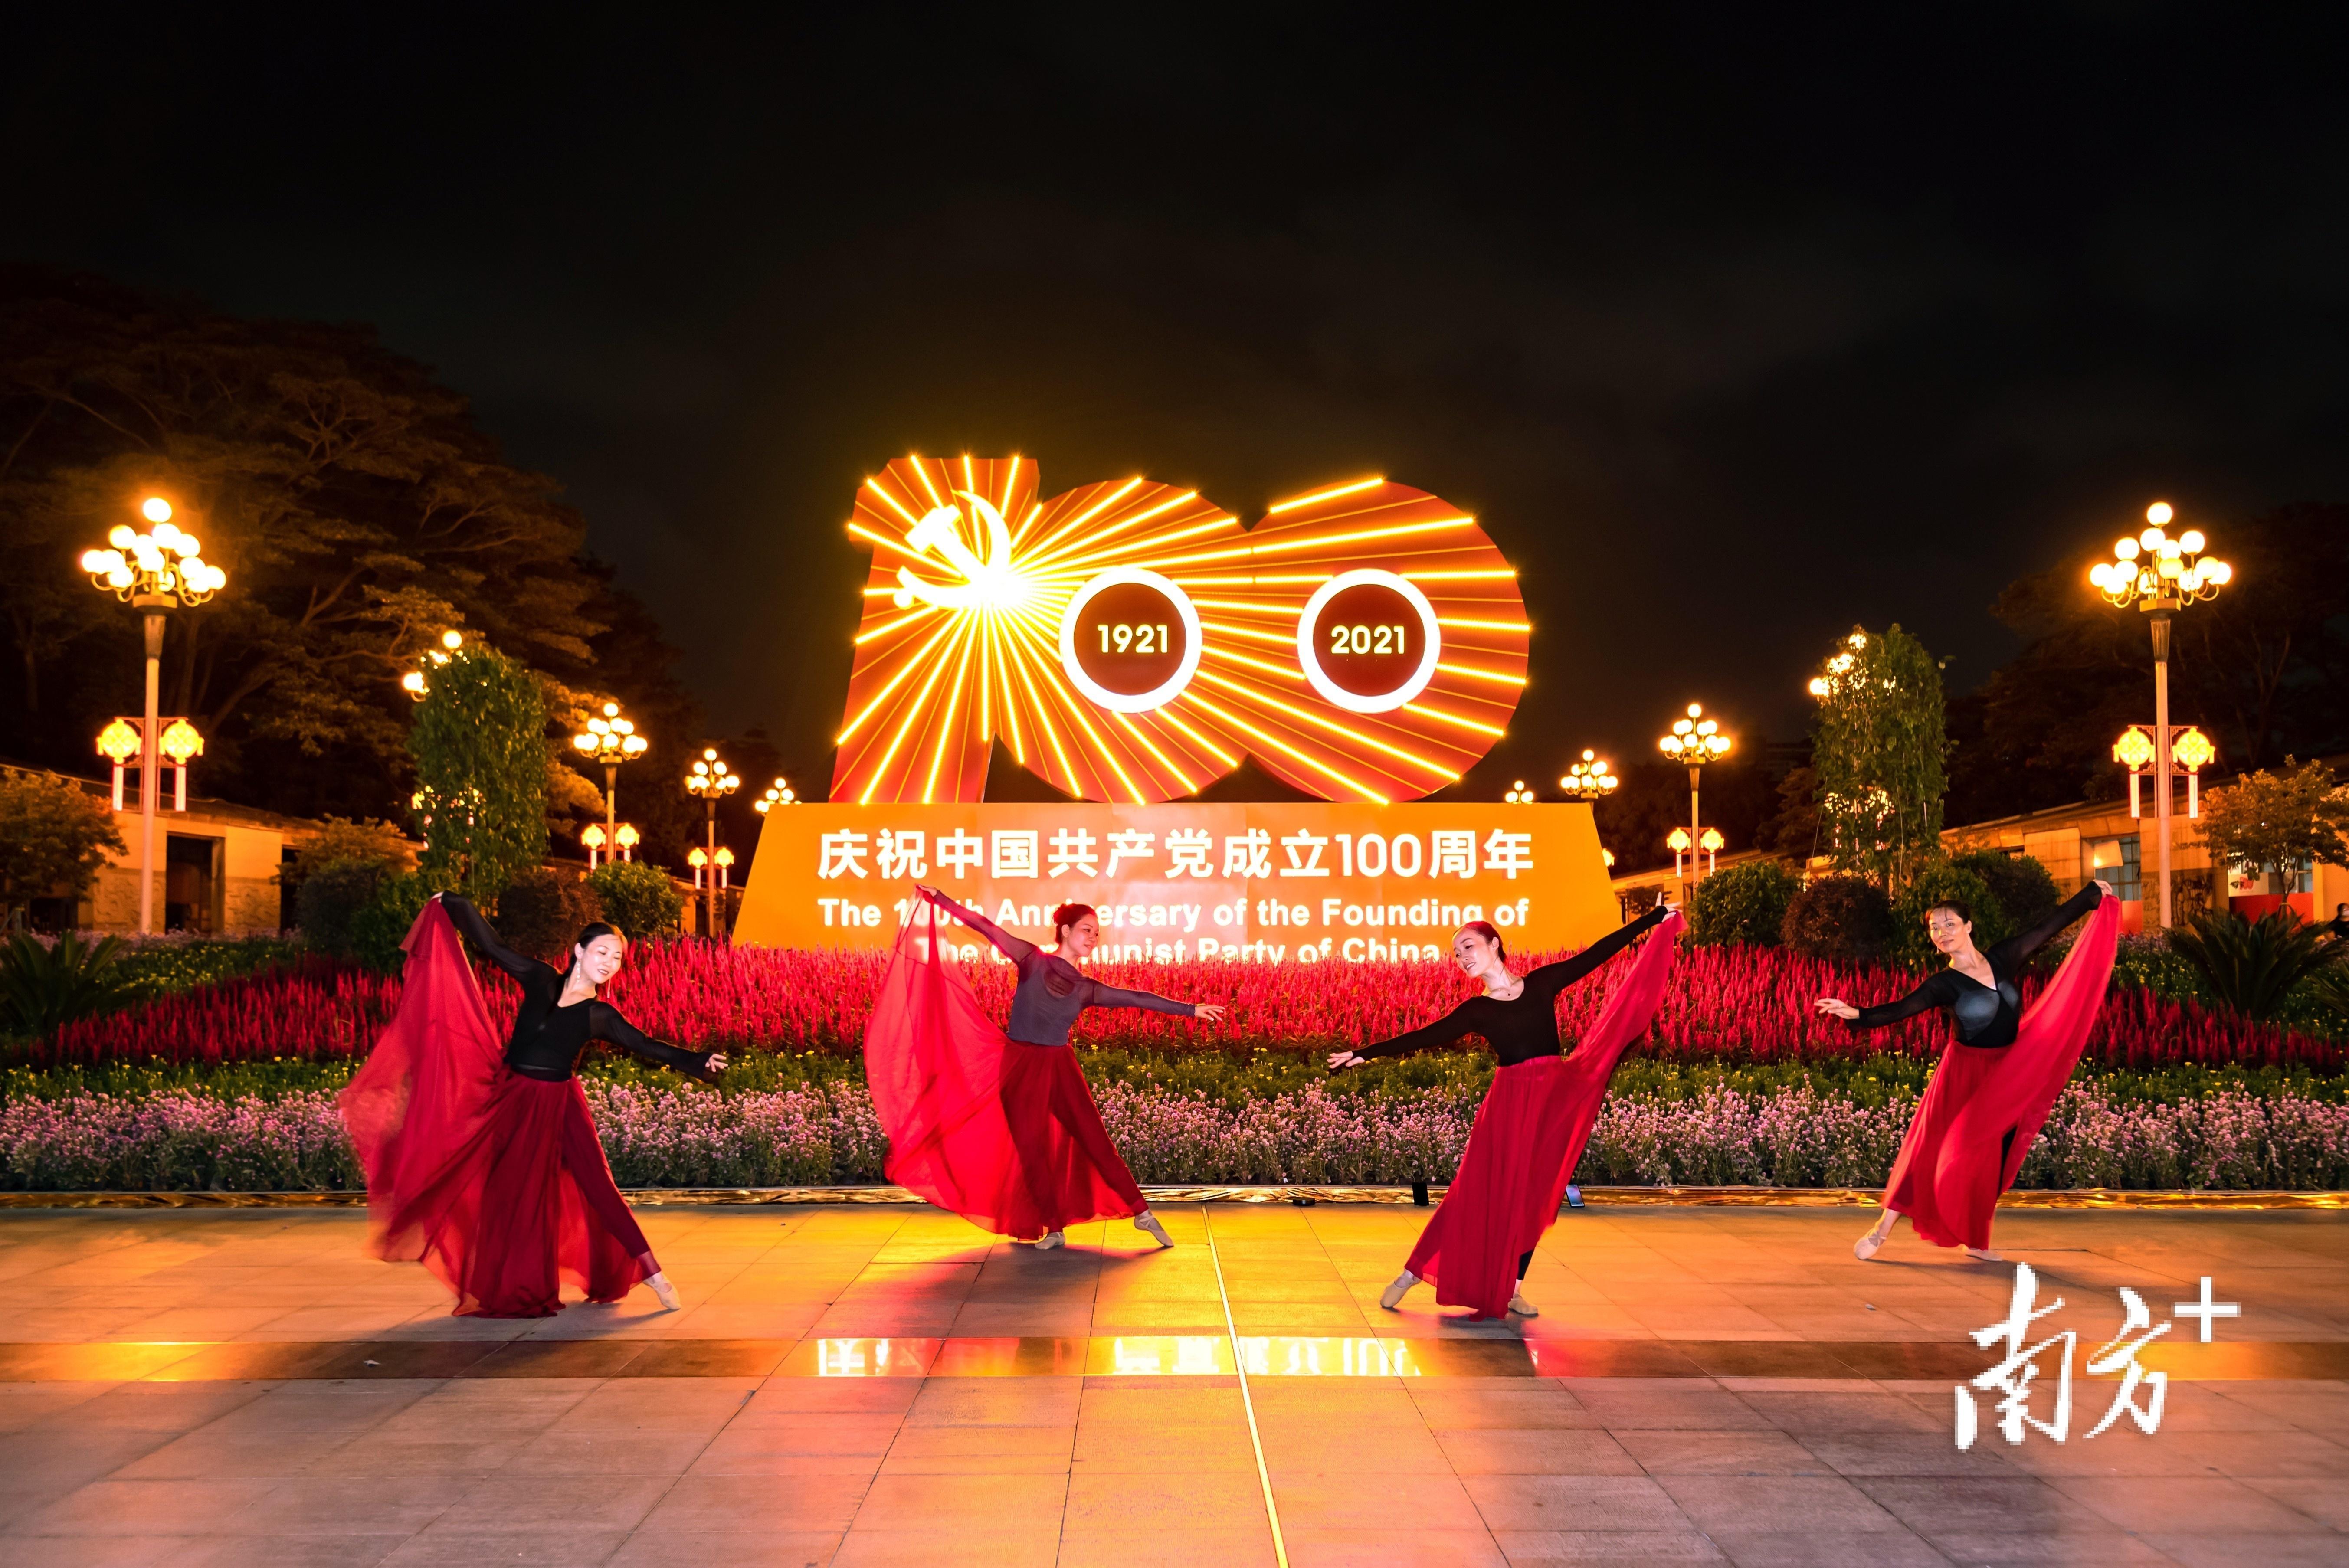 7月1日,东莞石龙金沙湾广场,灯光璀璨,处处洋溢着喜悦氛围。 幽鸣 摄